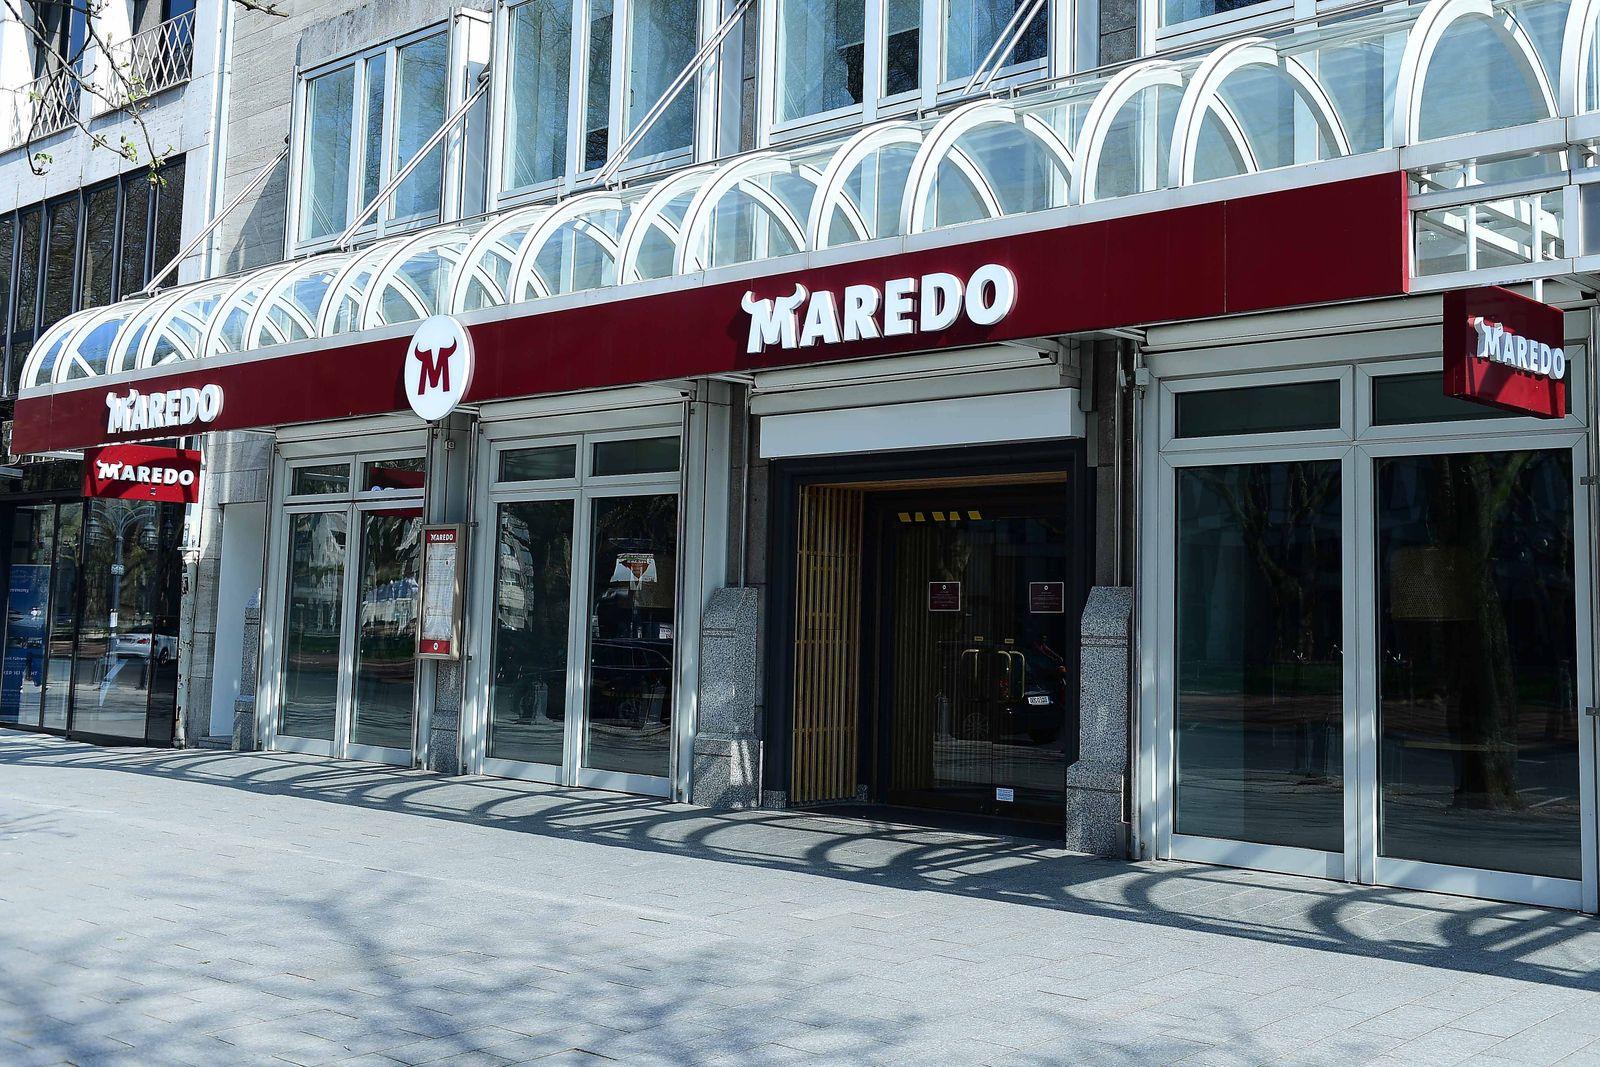 Steakhaus-Kette Maredo insolvent Die Steakhaus-Kette hat Insolvenz beim zust‰ndigen Amtsgericht D¸sseldorf angemeldet.